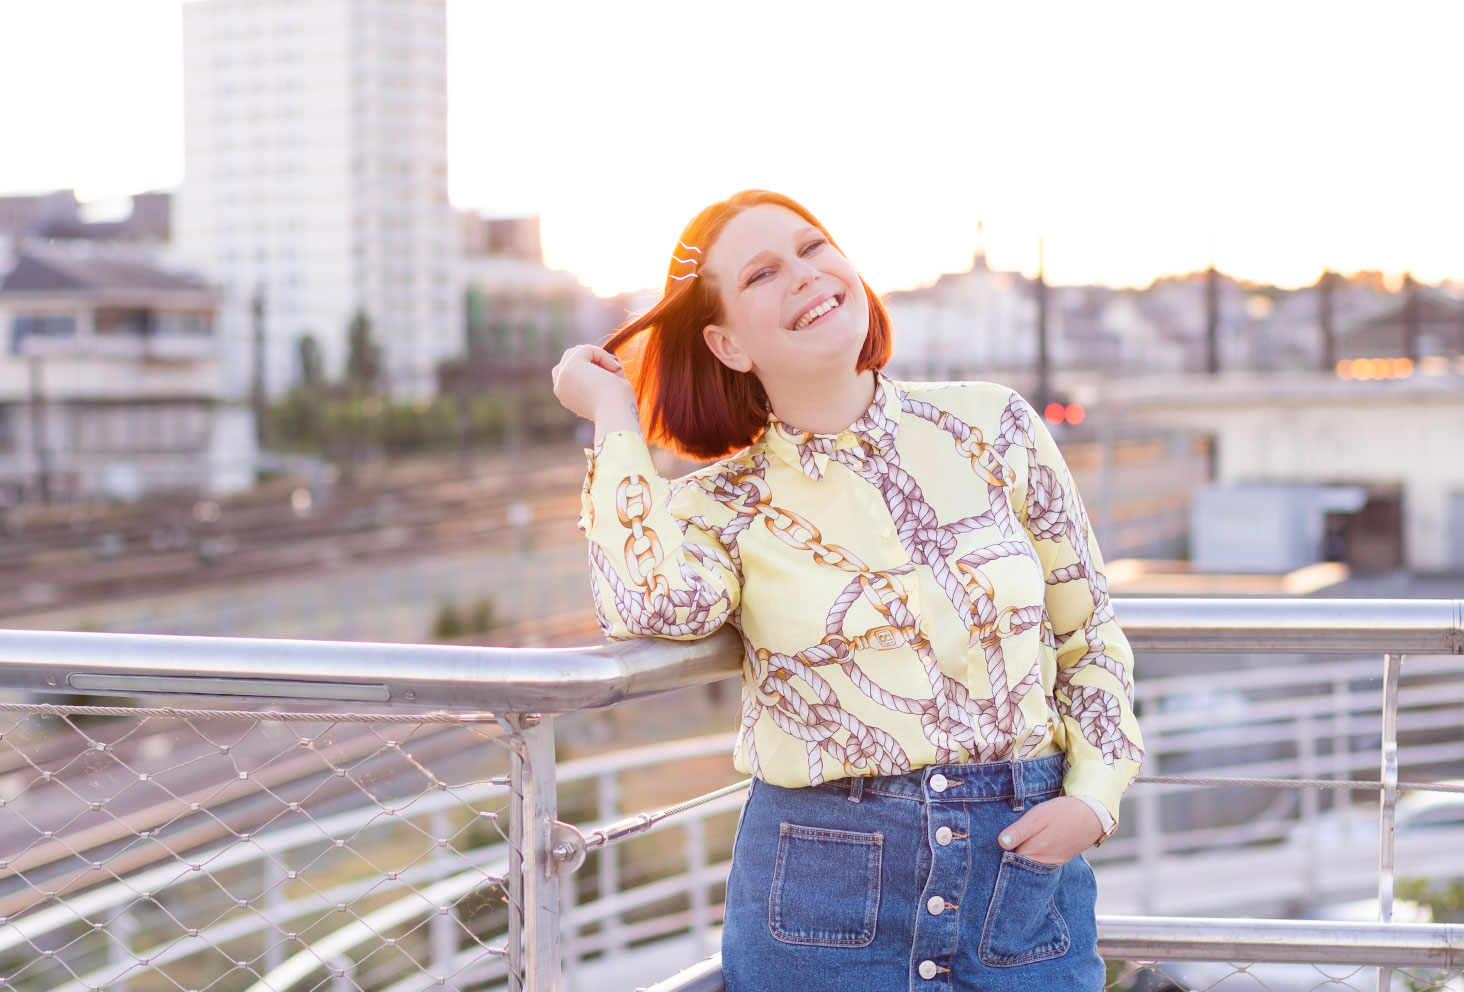 Au coucher du soleil sur la passerelle avec vue sur les rails du train de la gare de Tours, avec le sourire une main dans les cheveux et l'autre dans une poche de la jupe en jean Zara portée